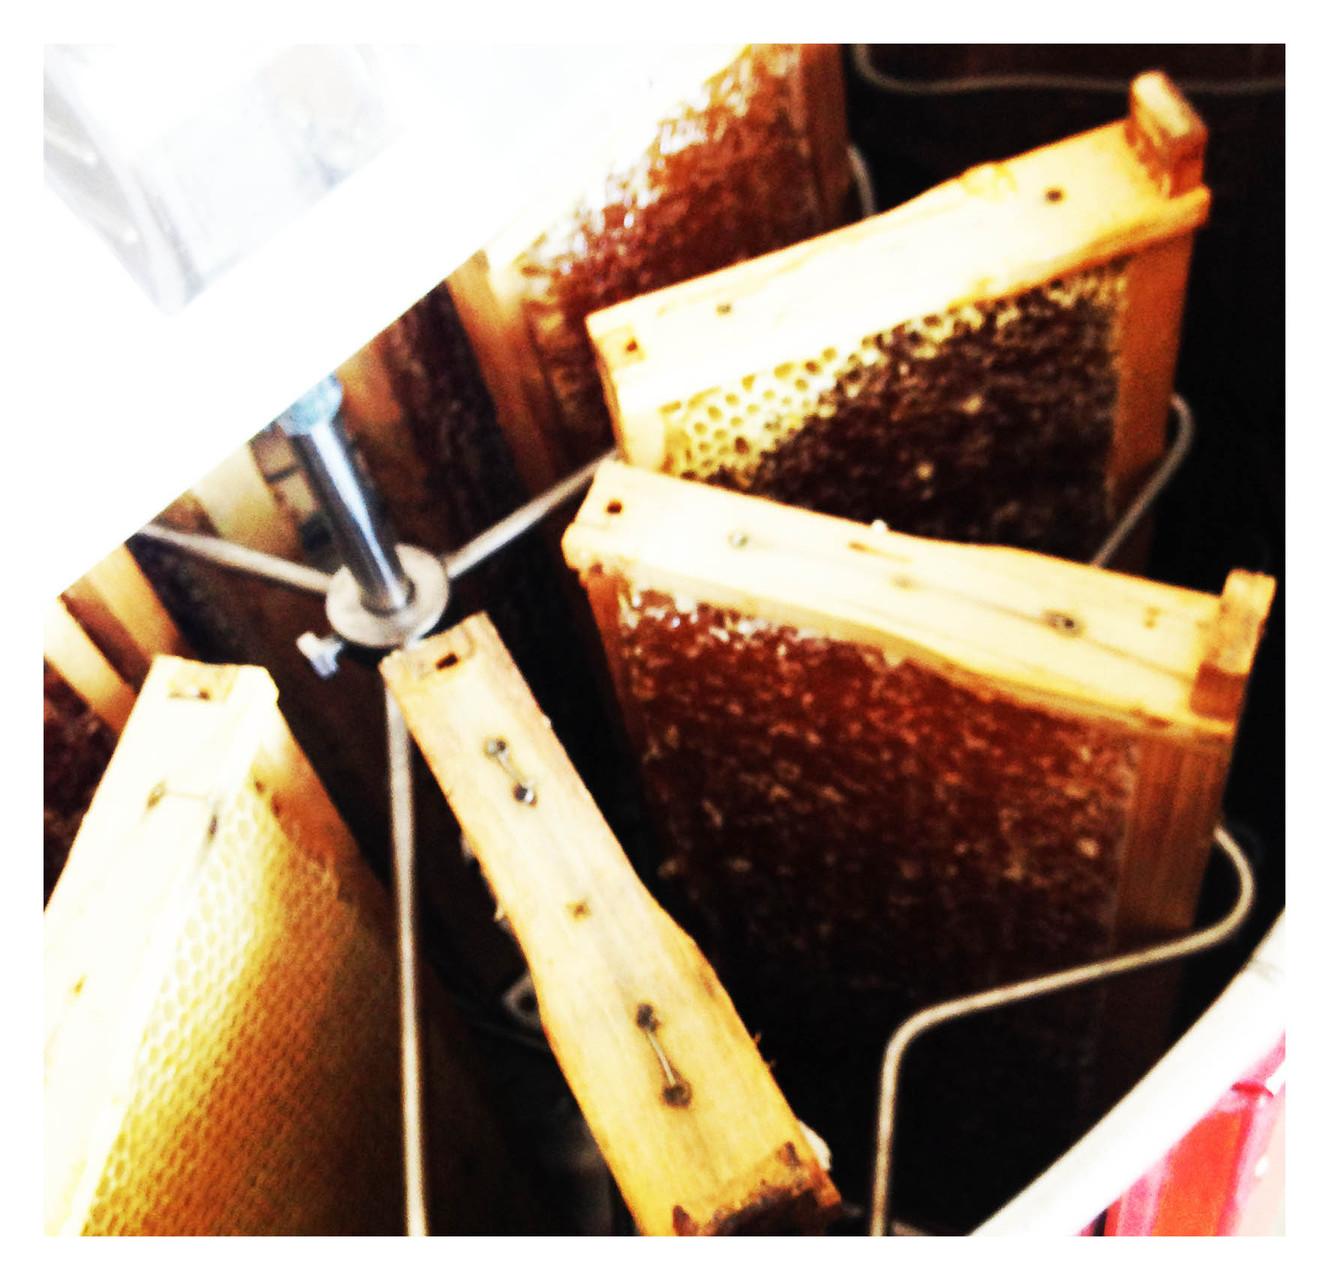 Die entdeckelten Honigrähmchen werden in die Schleuder gestellt und mithilfe von Muskelkraft wird der Honig aus den Rahmen geschleudert. Der Honig wird im unteren Teil der Honigschleuder gesammelt.